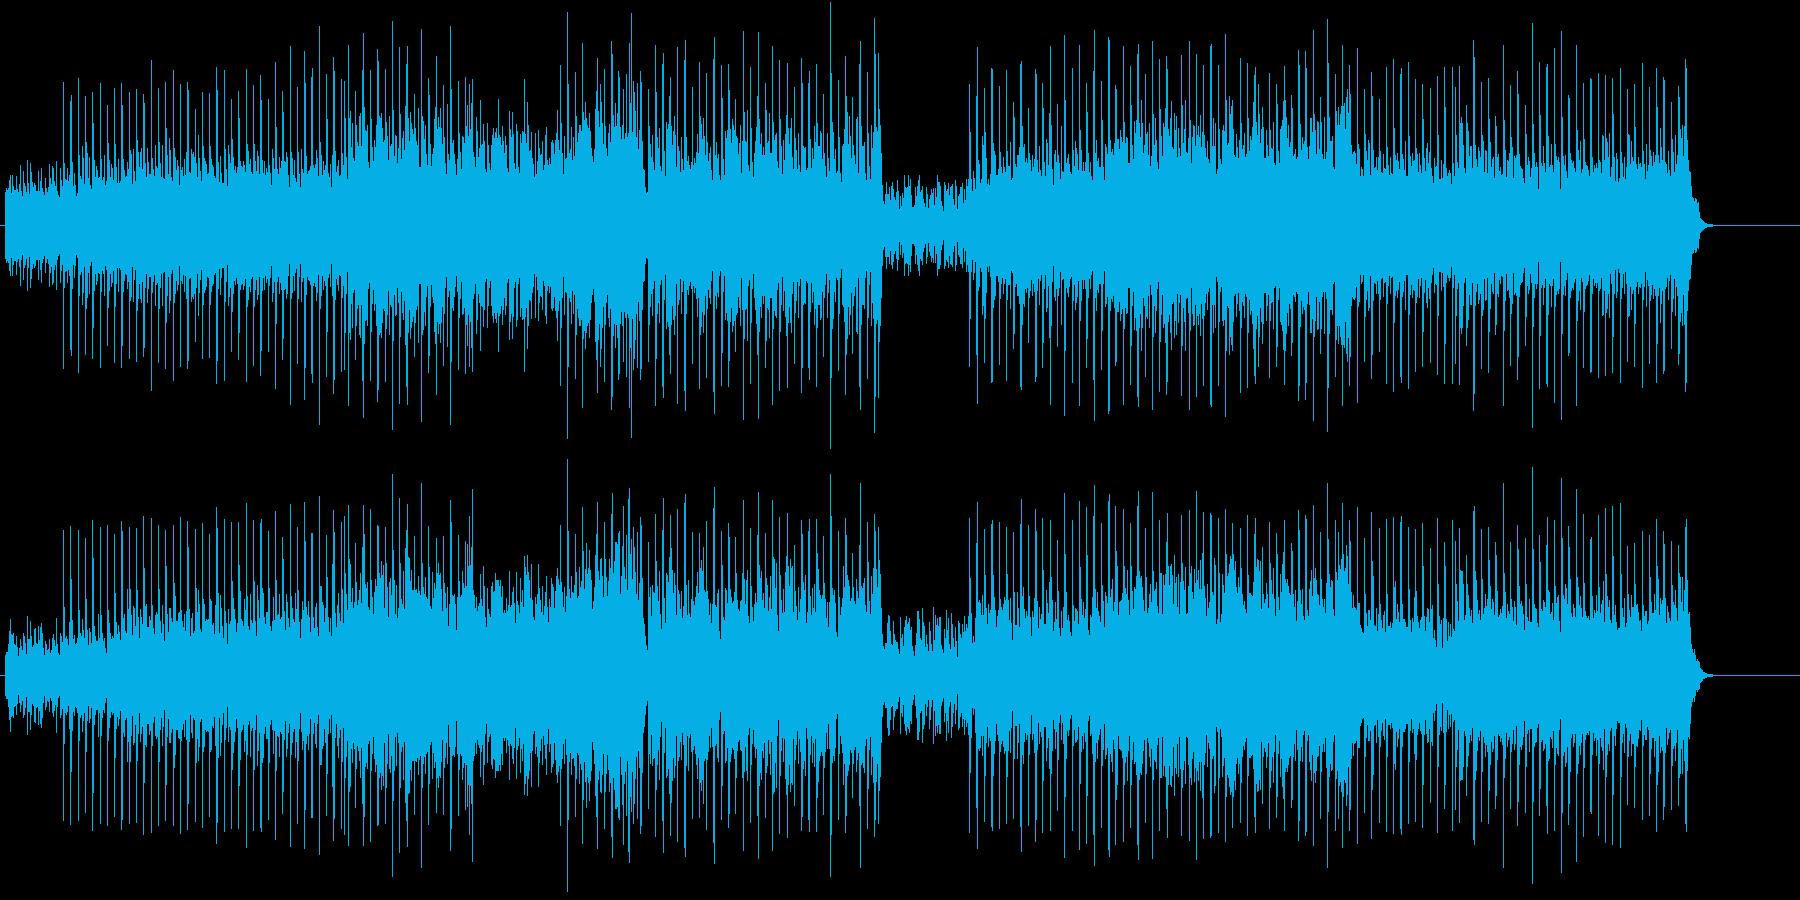 イマジネーションをくすぐるアシッドの再生済みの波形